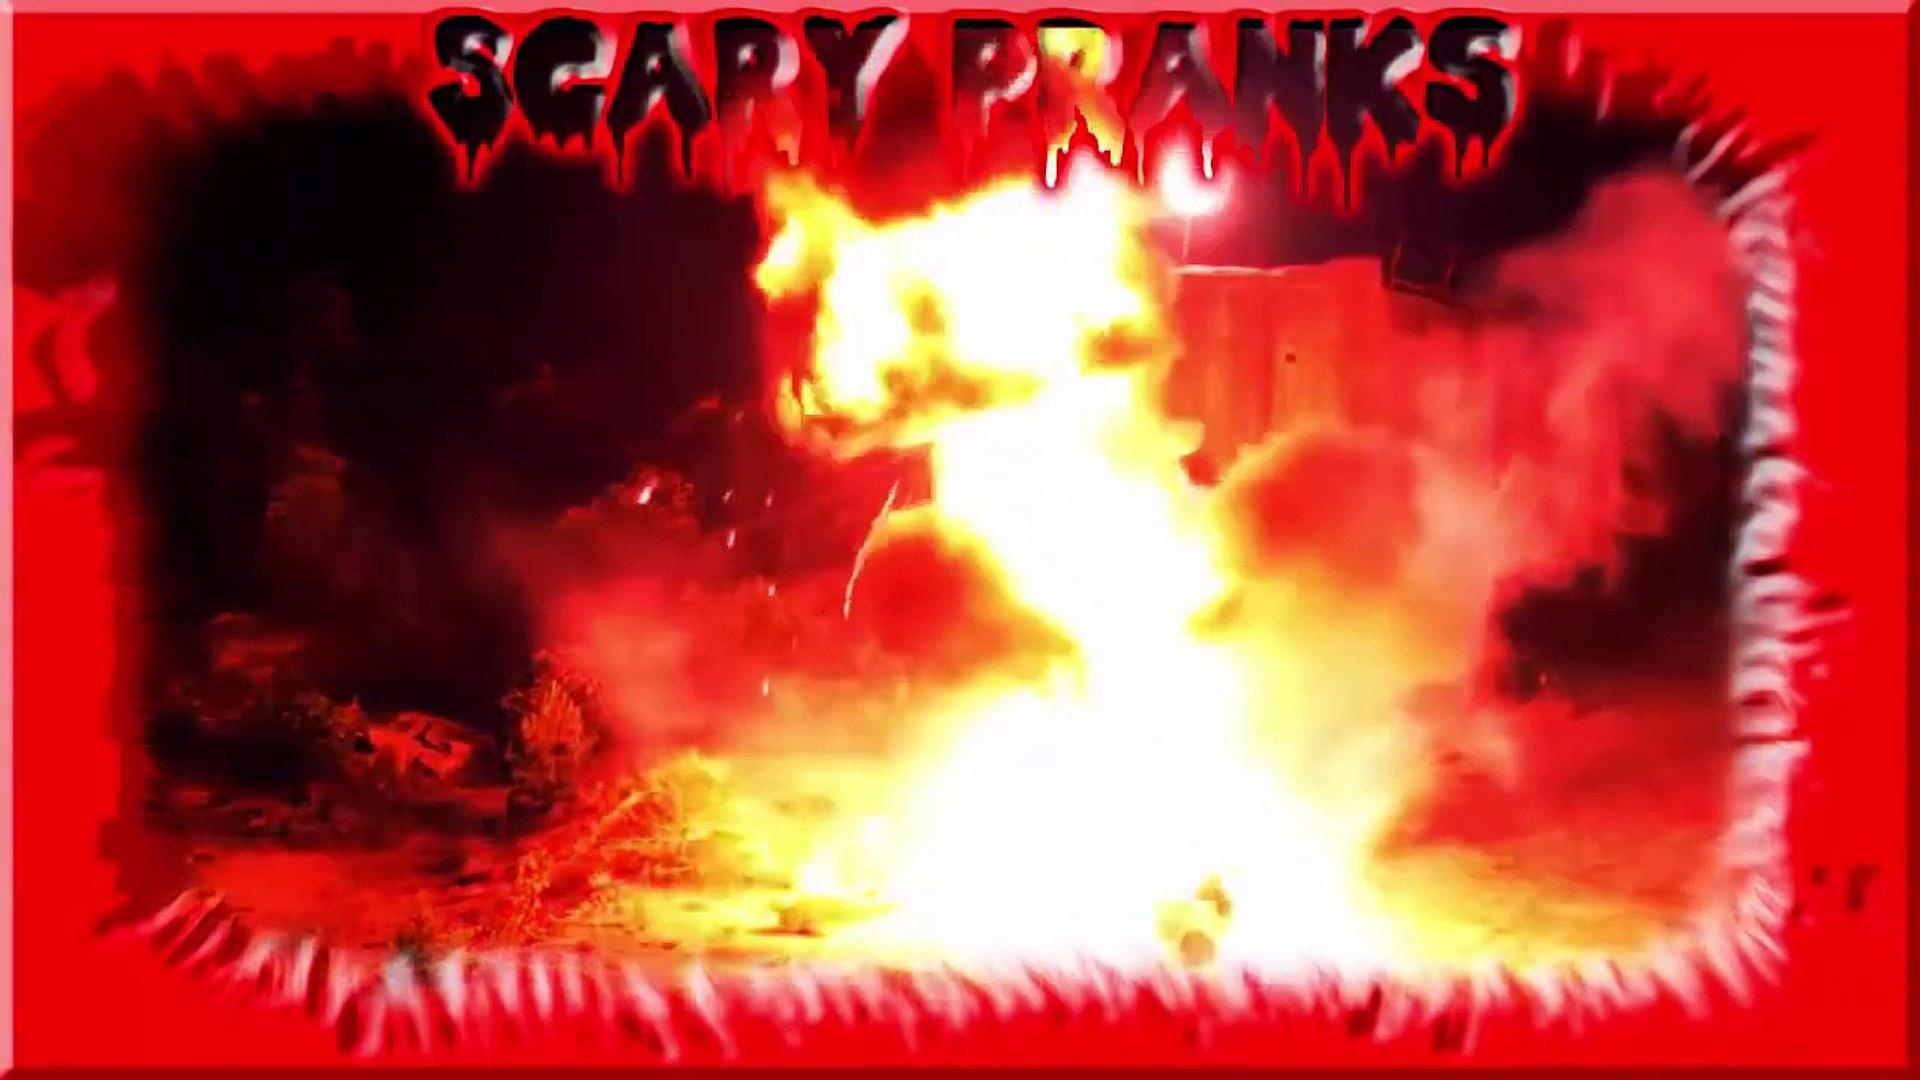 Scary Pranks - Funny Scare Pranks - Top Scary Pranks #5